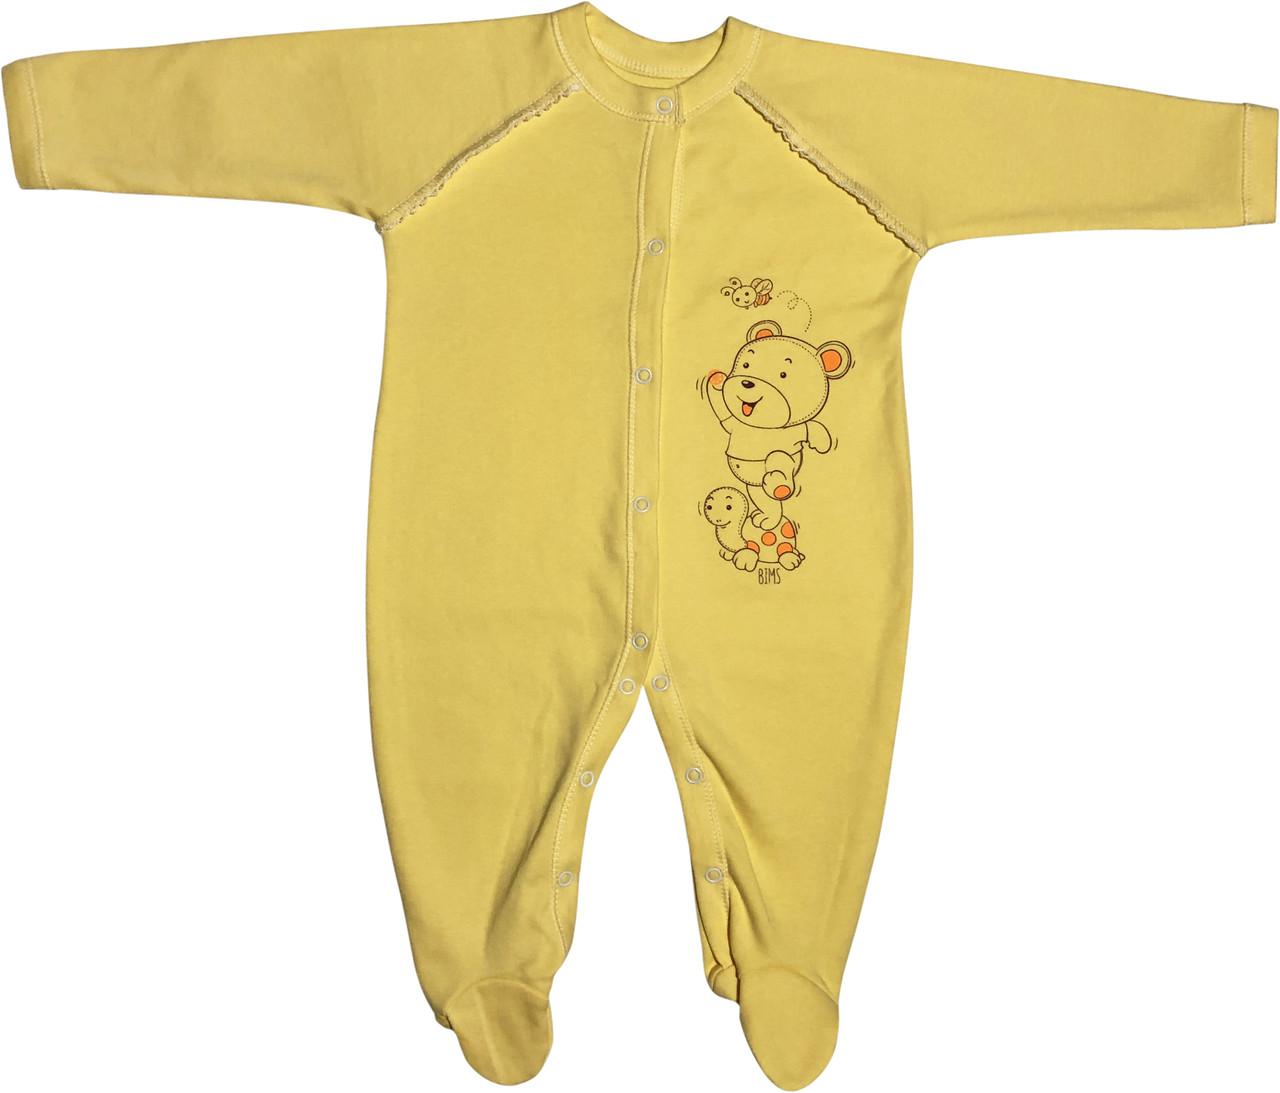 Тёплый человечек слип с начёсом для новорожденных рост 86 1-1,5 года на мальчика девочку трикотажный жёлтый